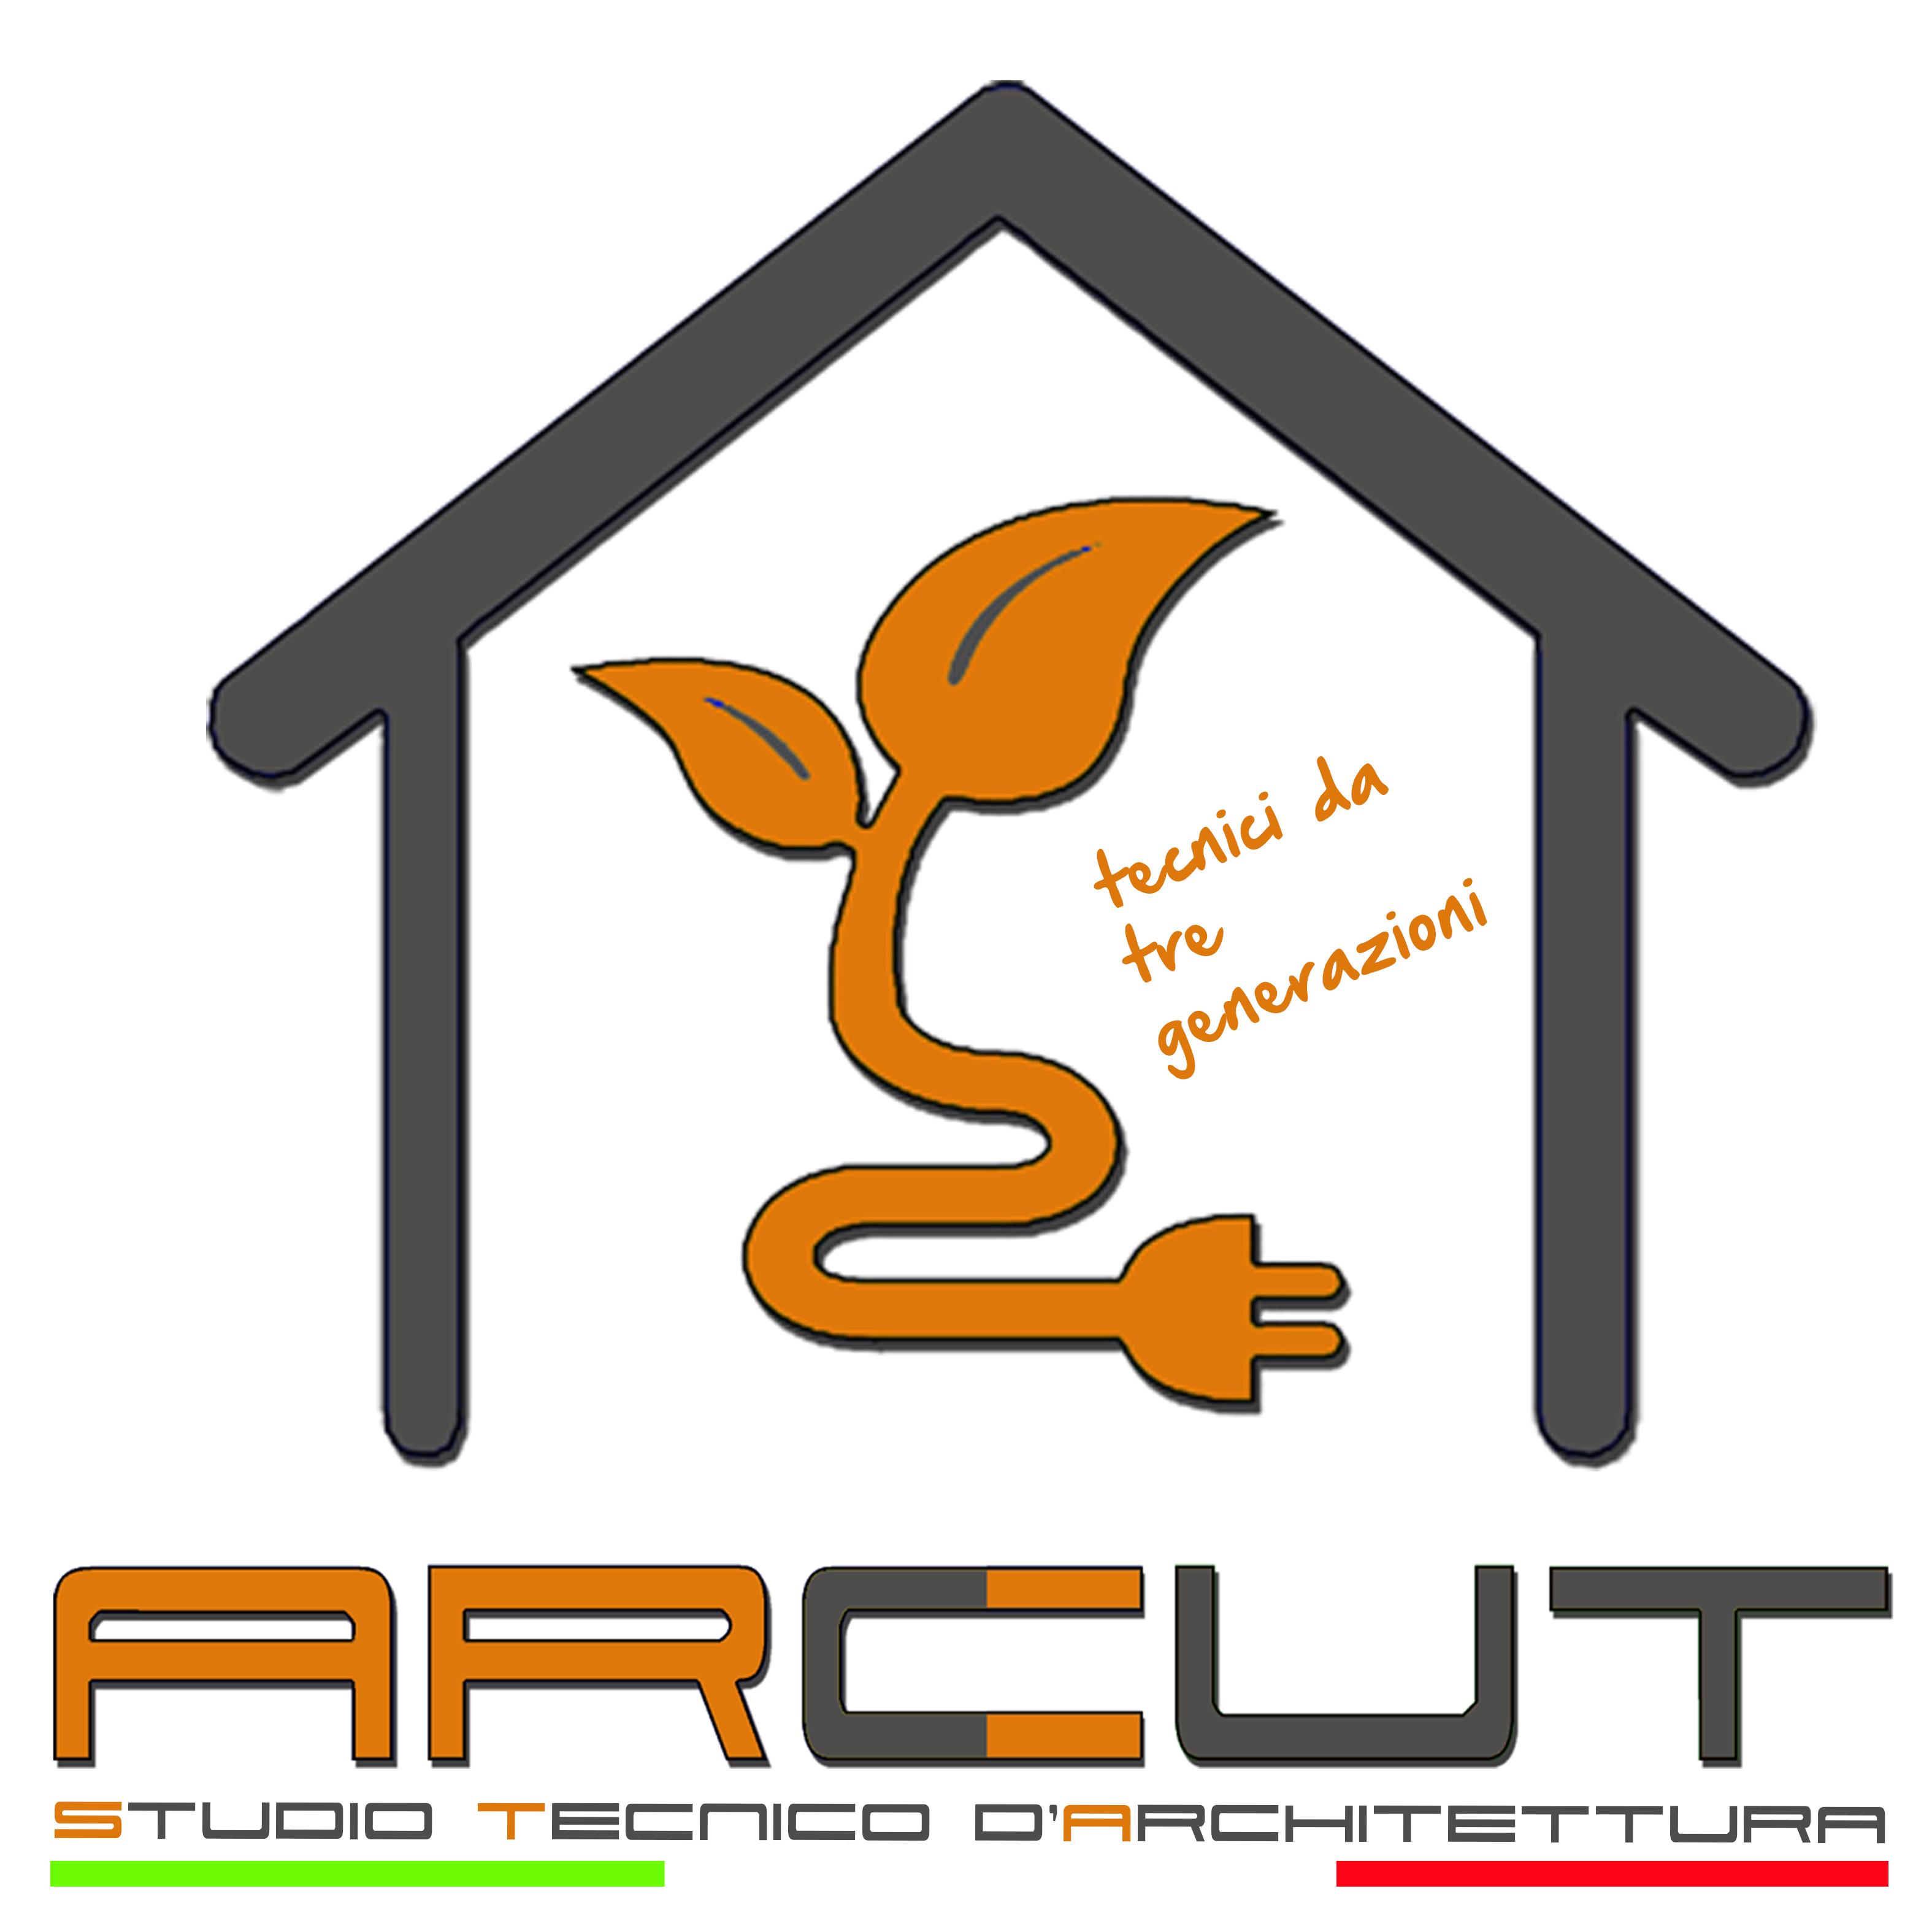 Studio Tecnico di Architettura Arcut